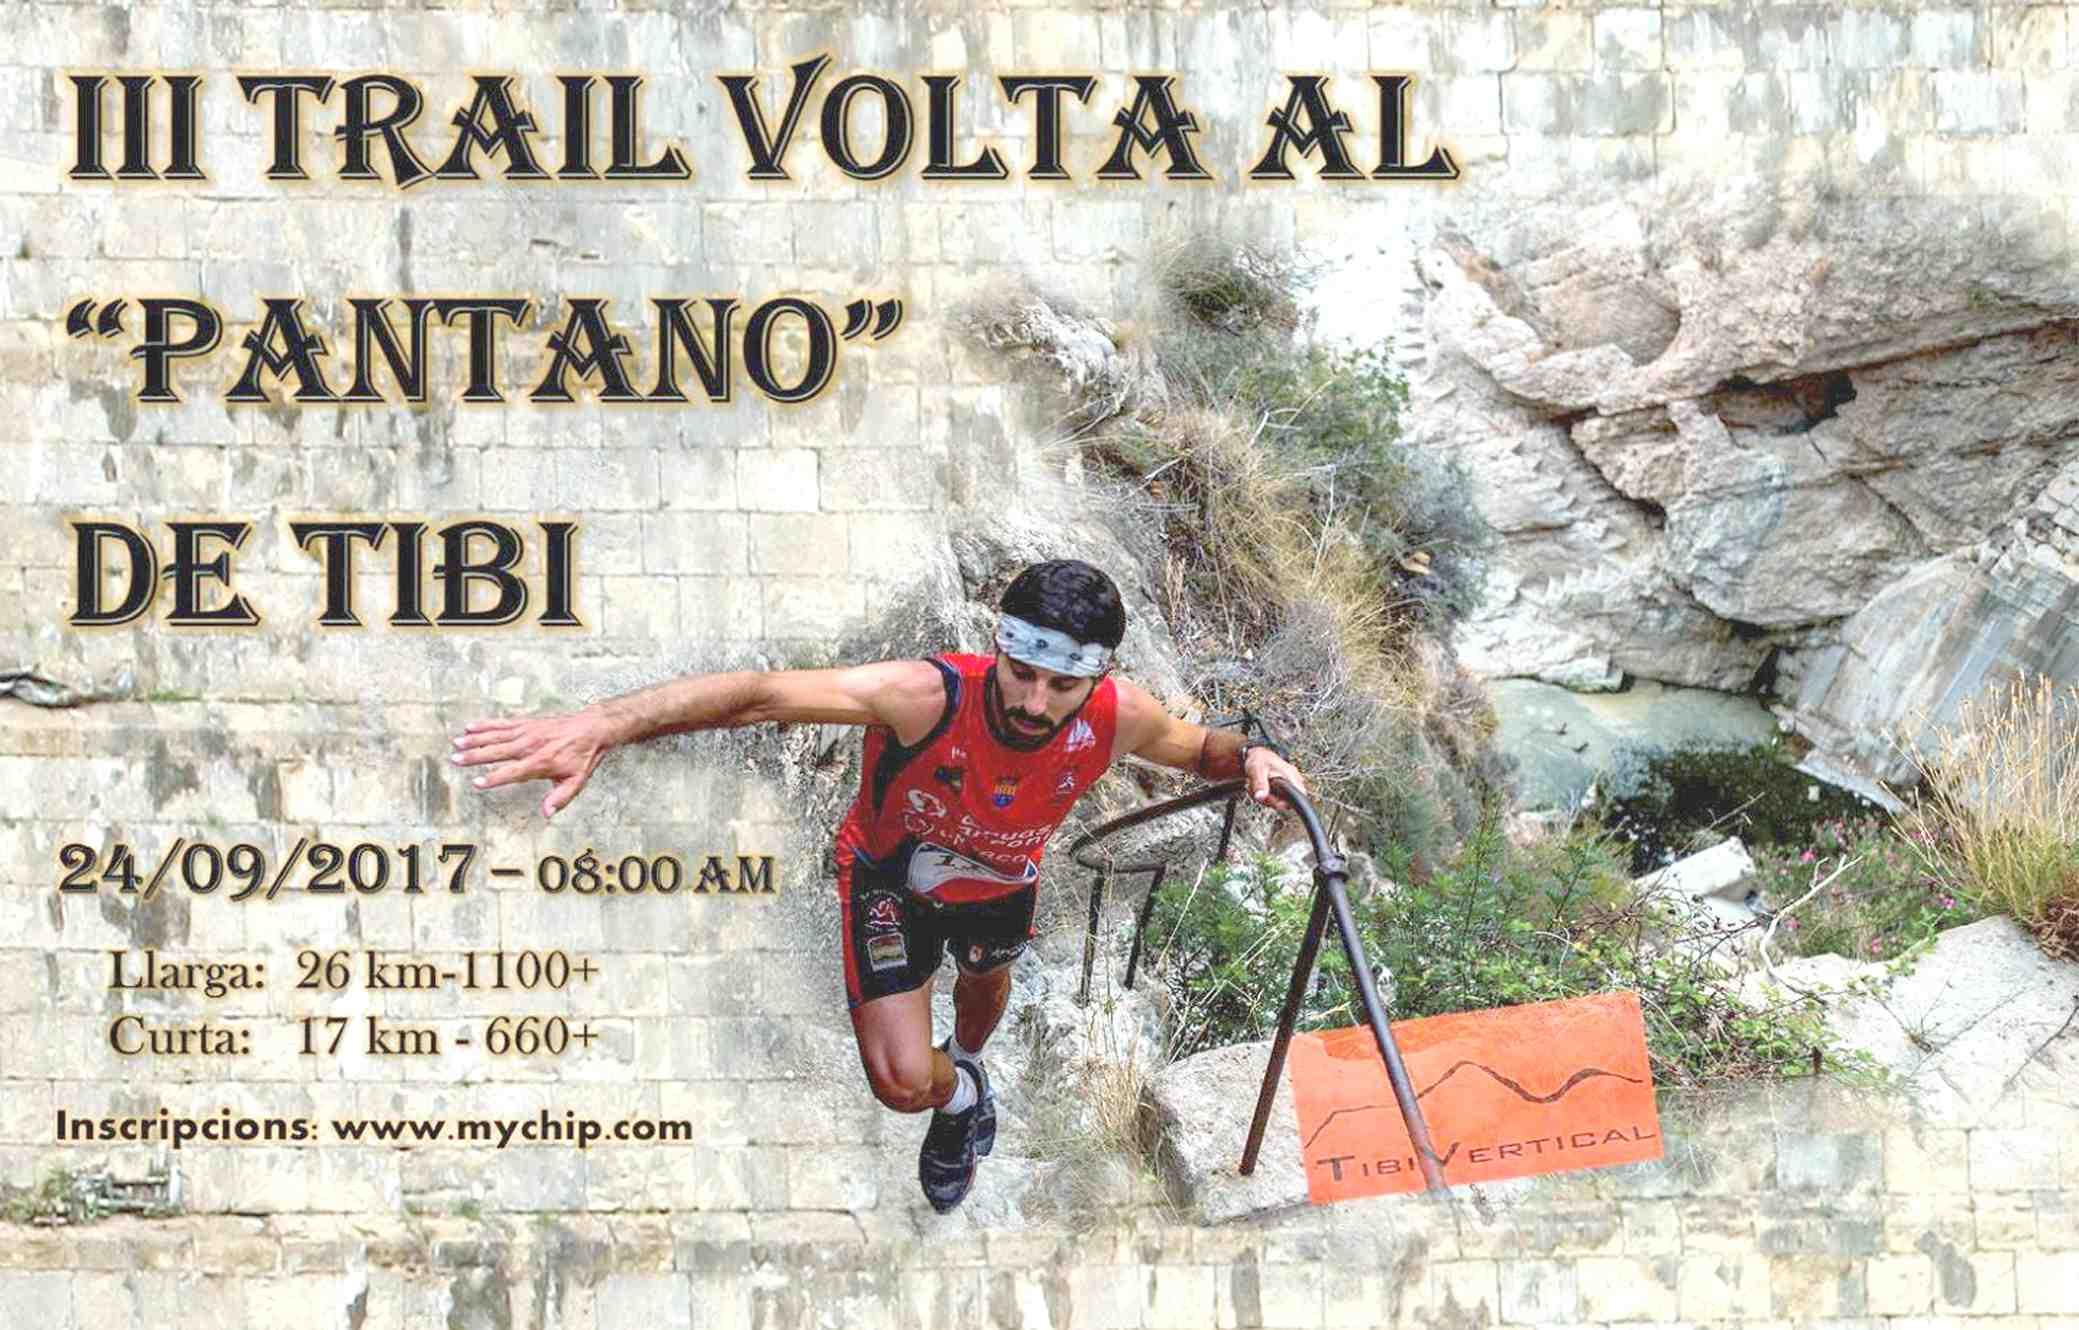 El diumenge 24 de setembre, tercera edició del Trail Volta al Pantano de Tibi